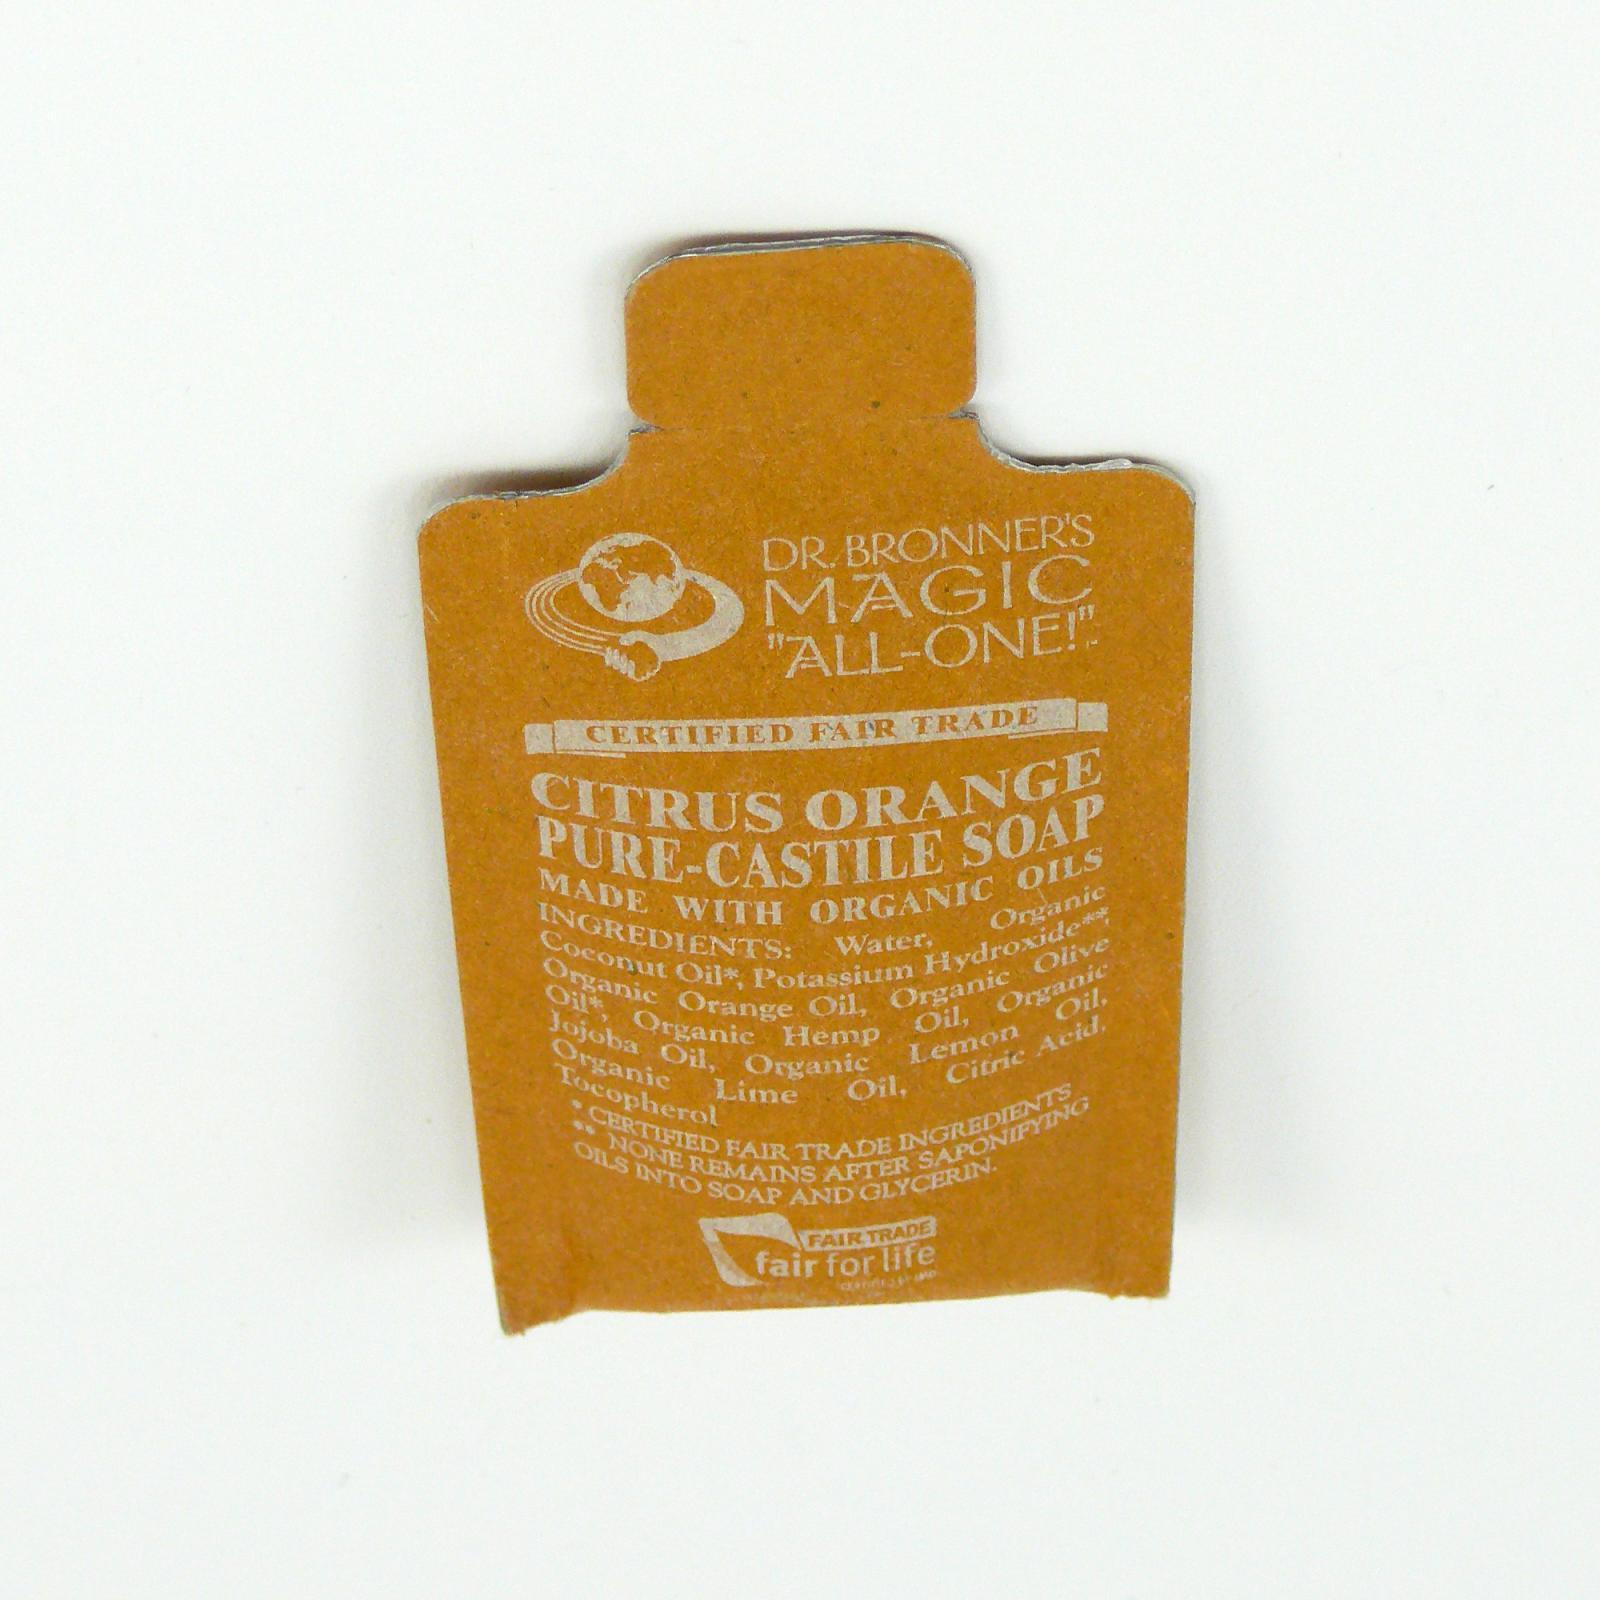 Dr. Bronner's Tekuté universální mýdlo ALL-ONE!, Citrus-Orange 10 ml